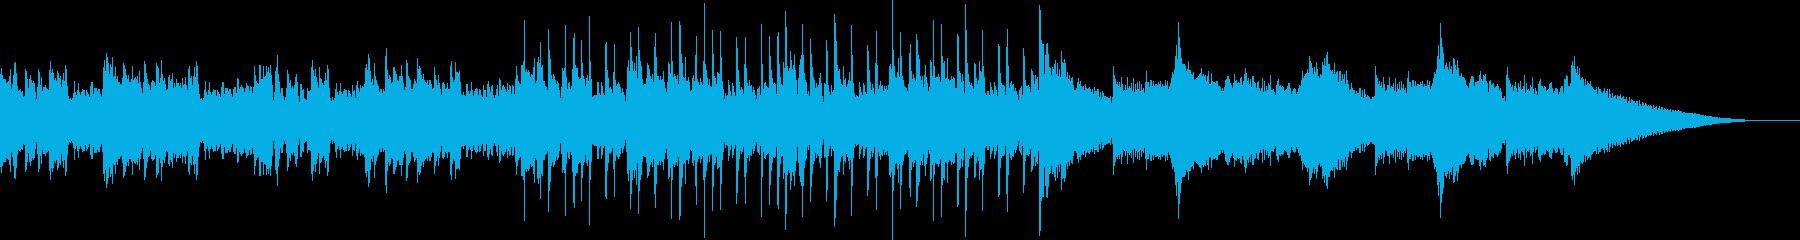 カフェで仕事中でも聴けるようジャズピアノの再生済みの波形